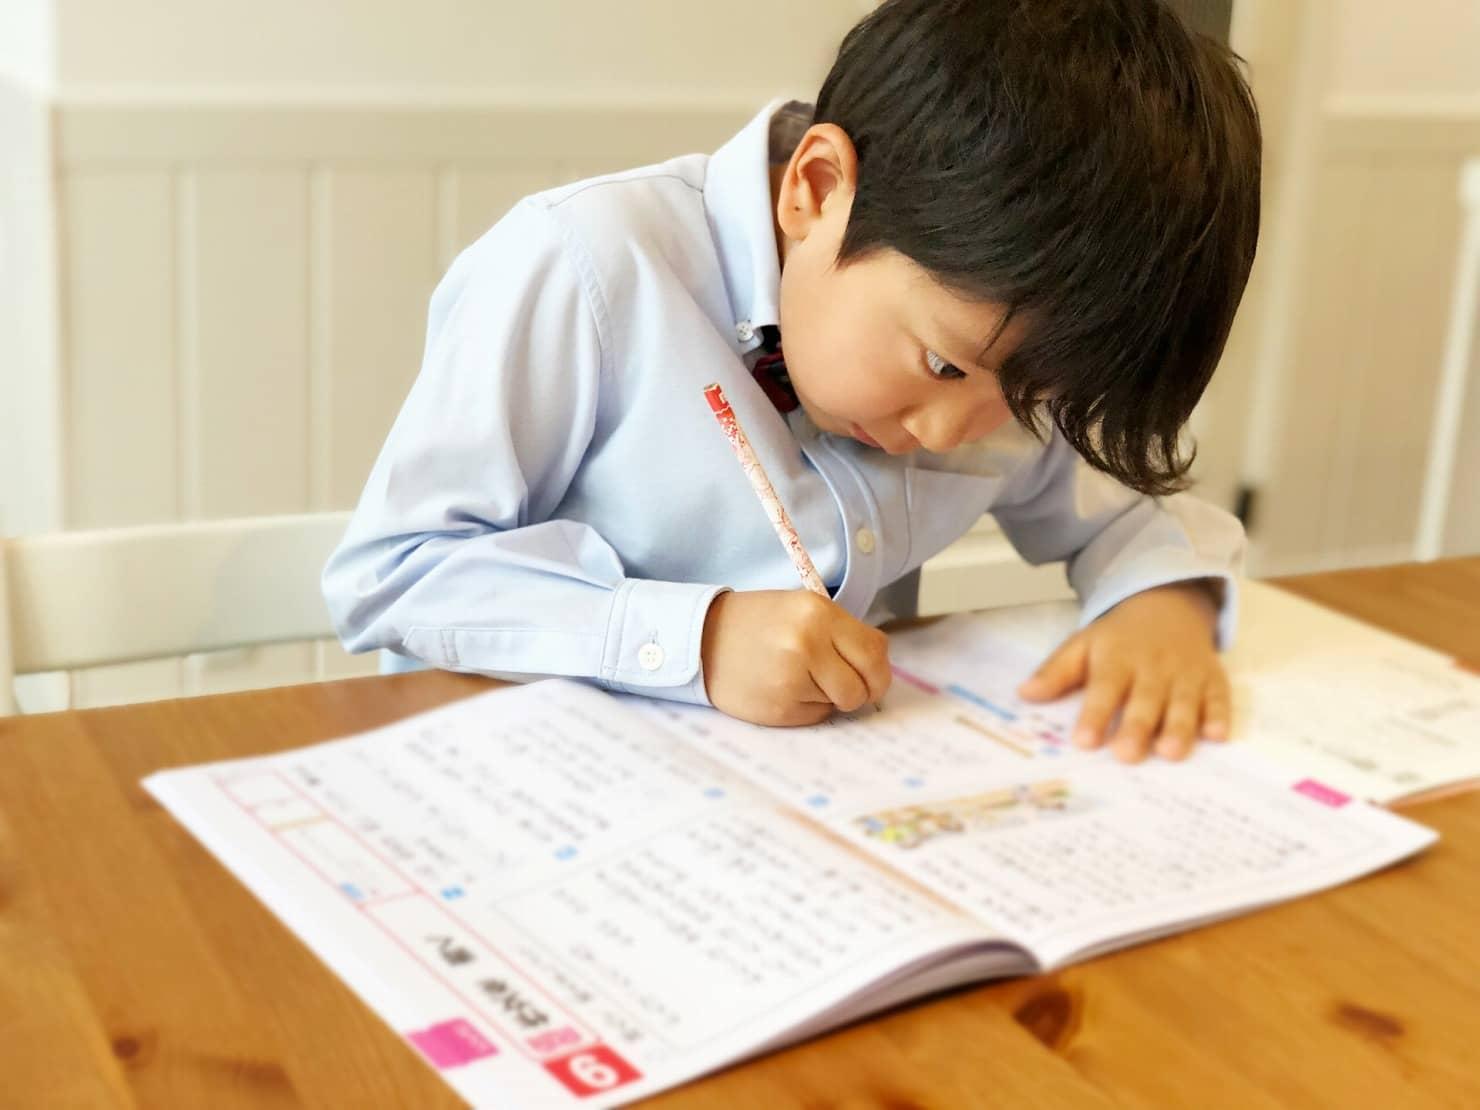 小学生の塾選びはどうすればいい? 補習塾、進学塾? 個別指導塾? チェックしておきたい10のポイント